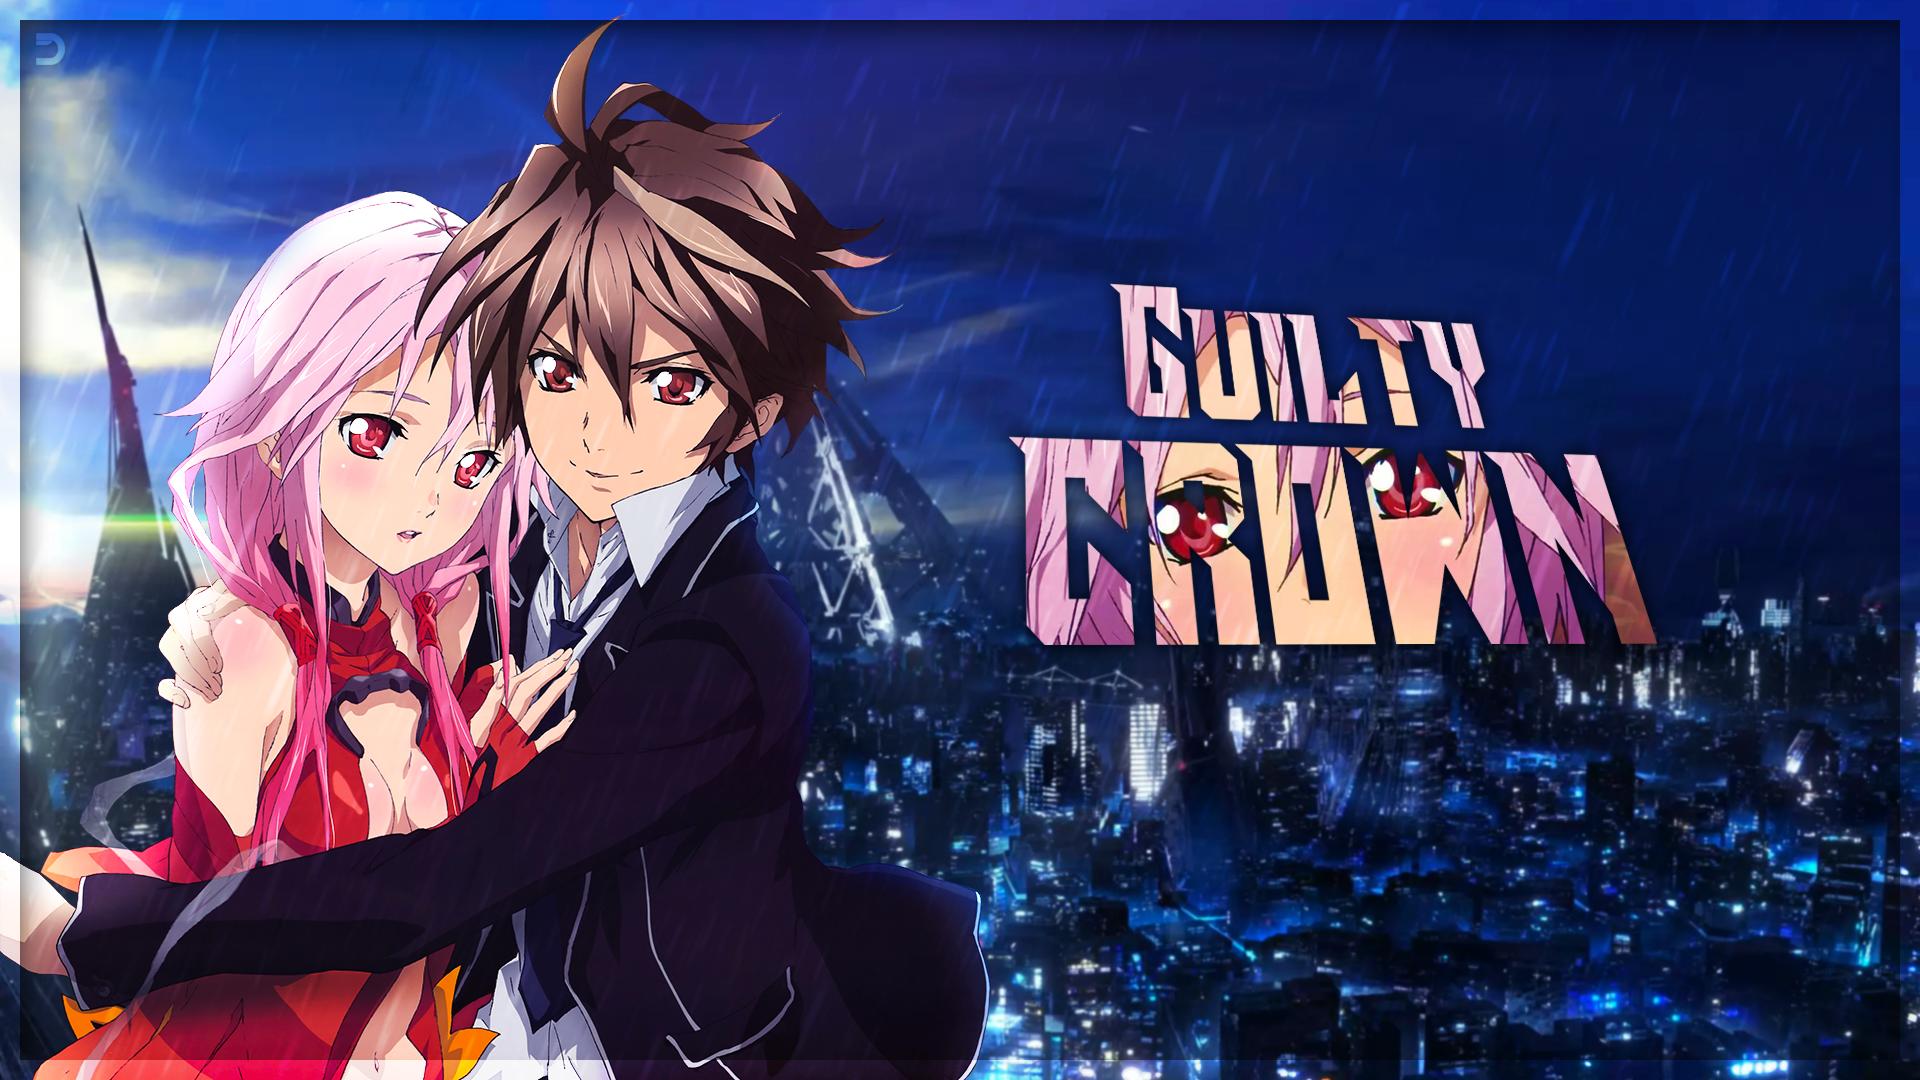 Guilty Crown - Desktop Wallpaper FULL HD by iDavix on ...